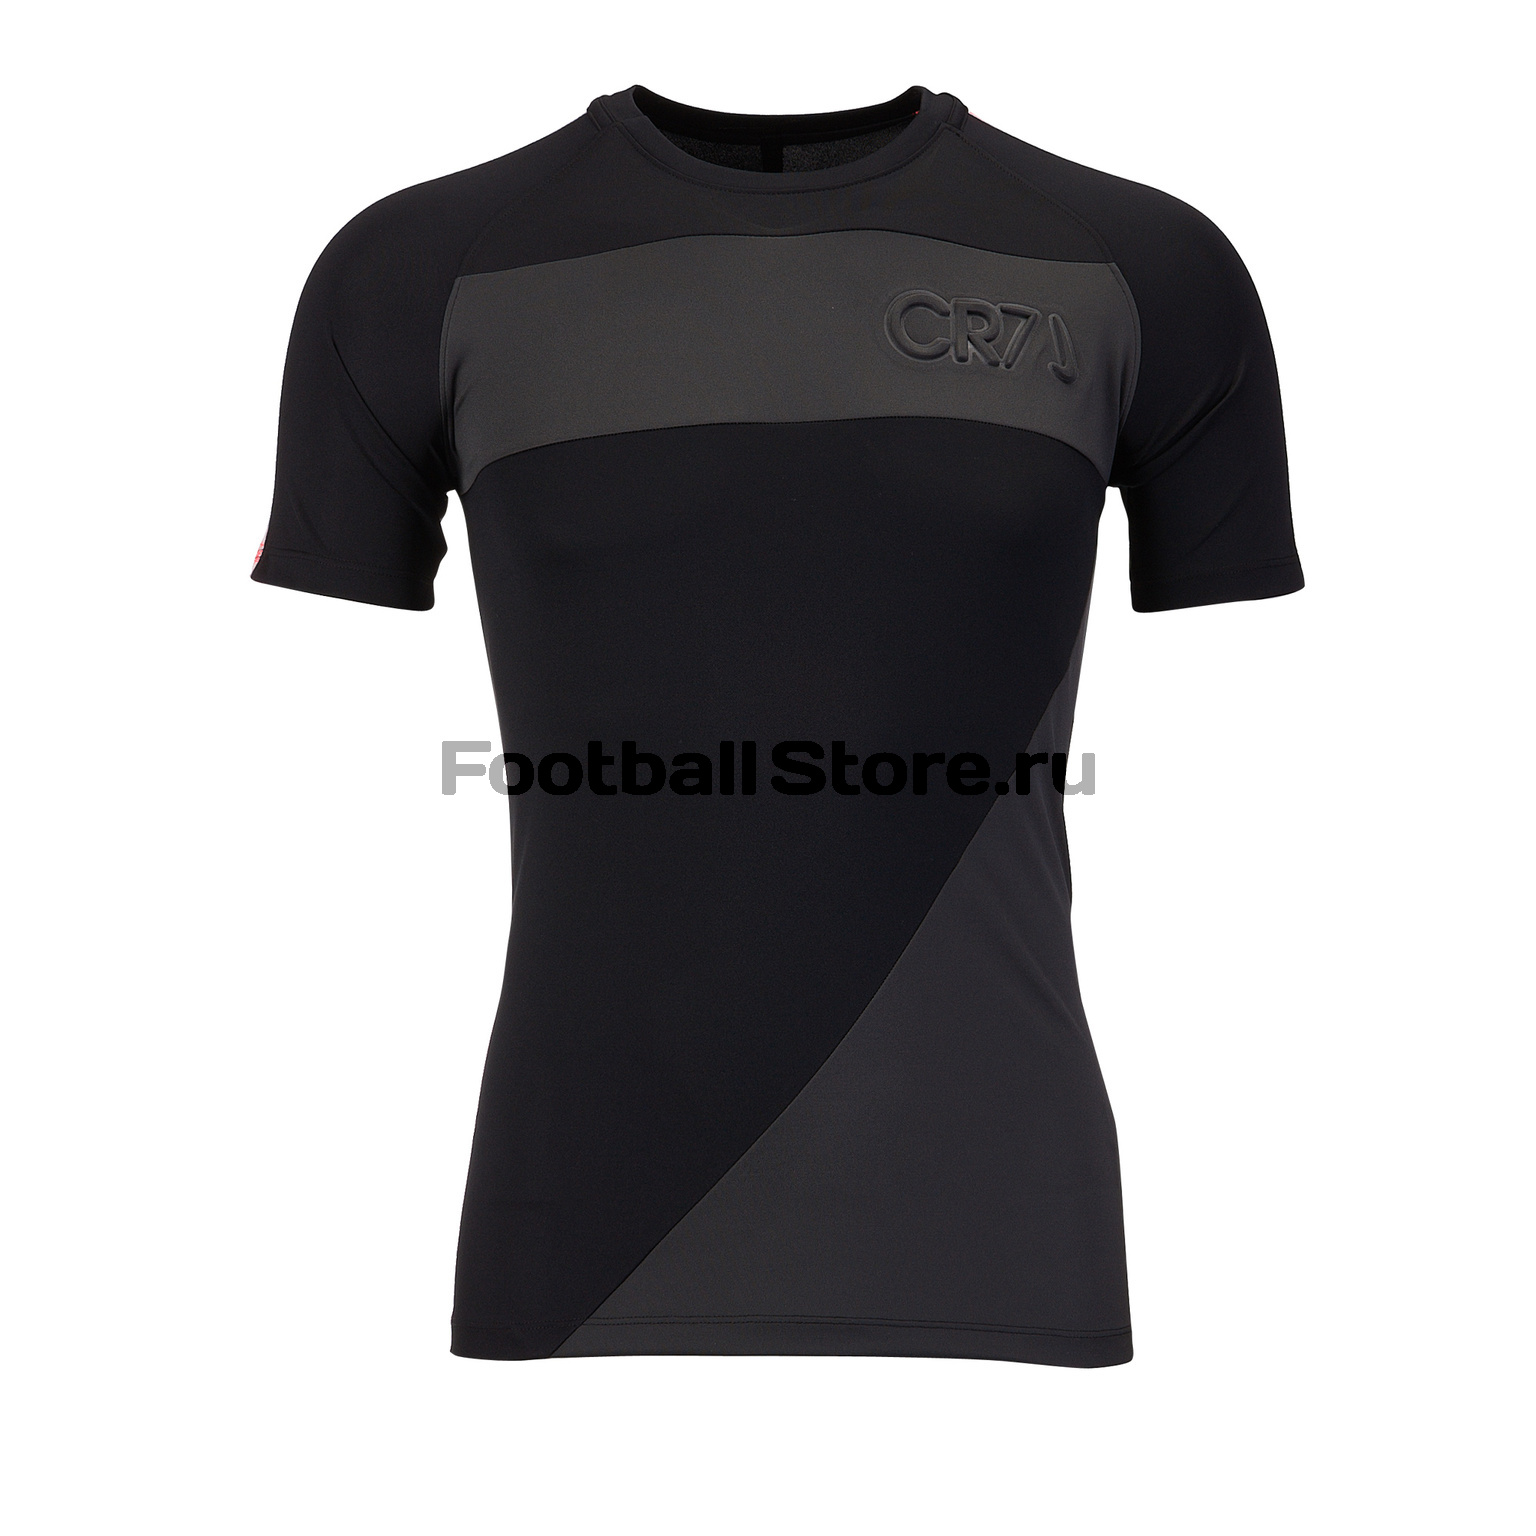 Футболка подростковая Nike CR7 NK DRY Tee AA9888-011 футболка nike f c tee foil 810505 101